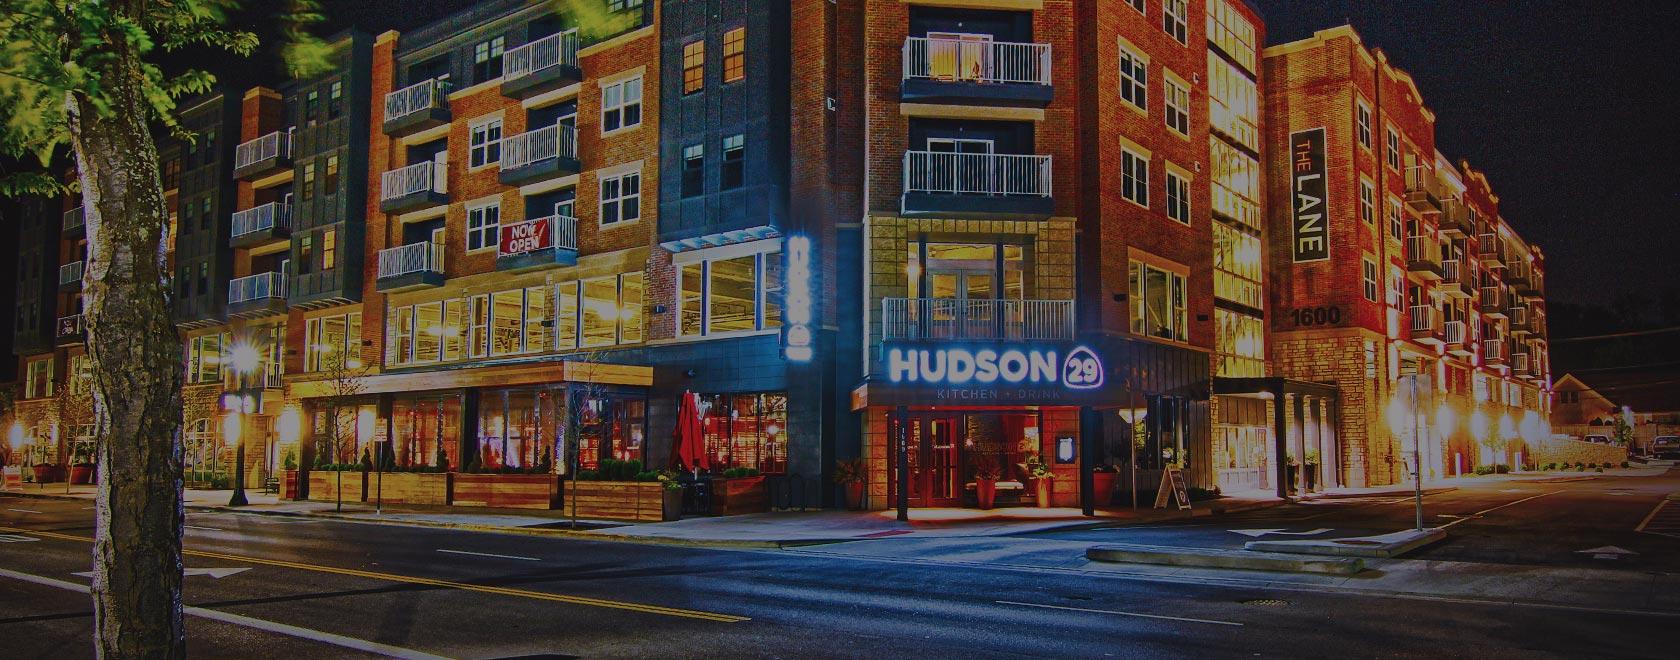 Hudson 29 Upper Arlington Exterior